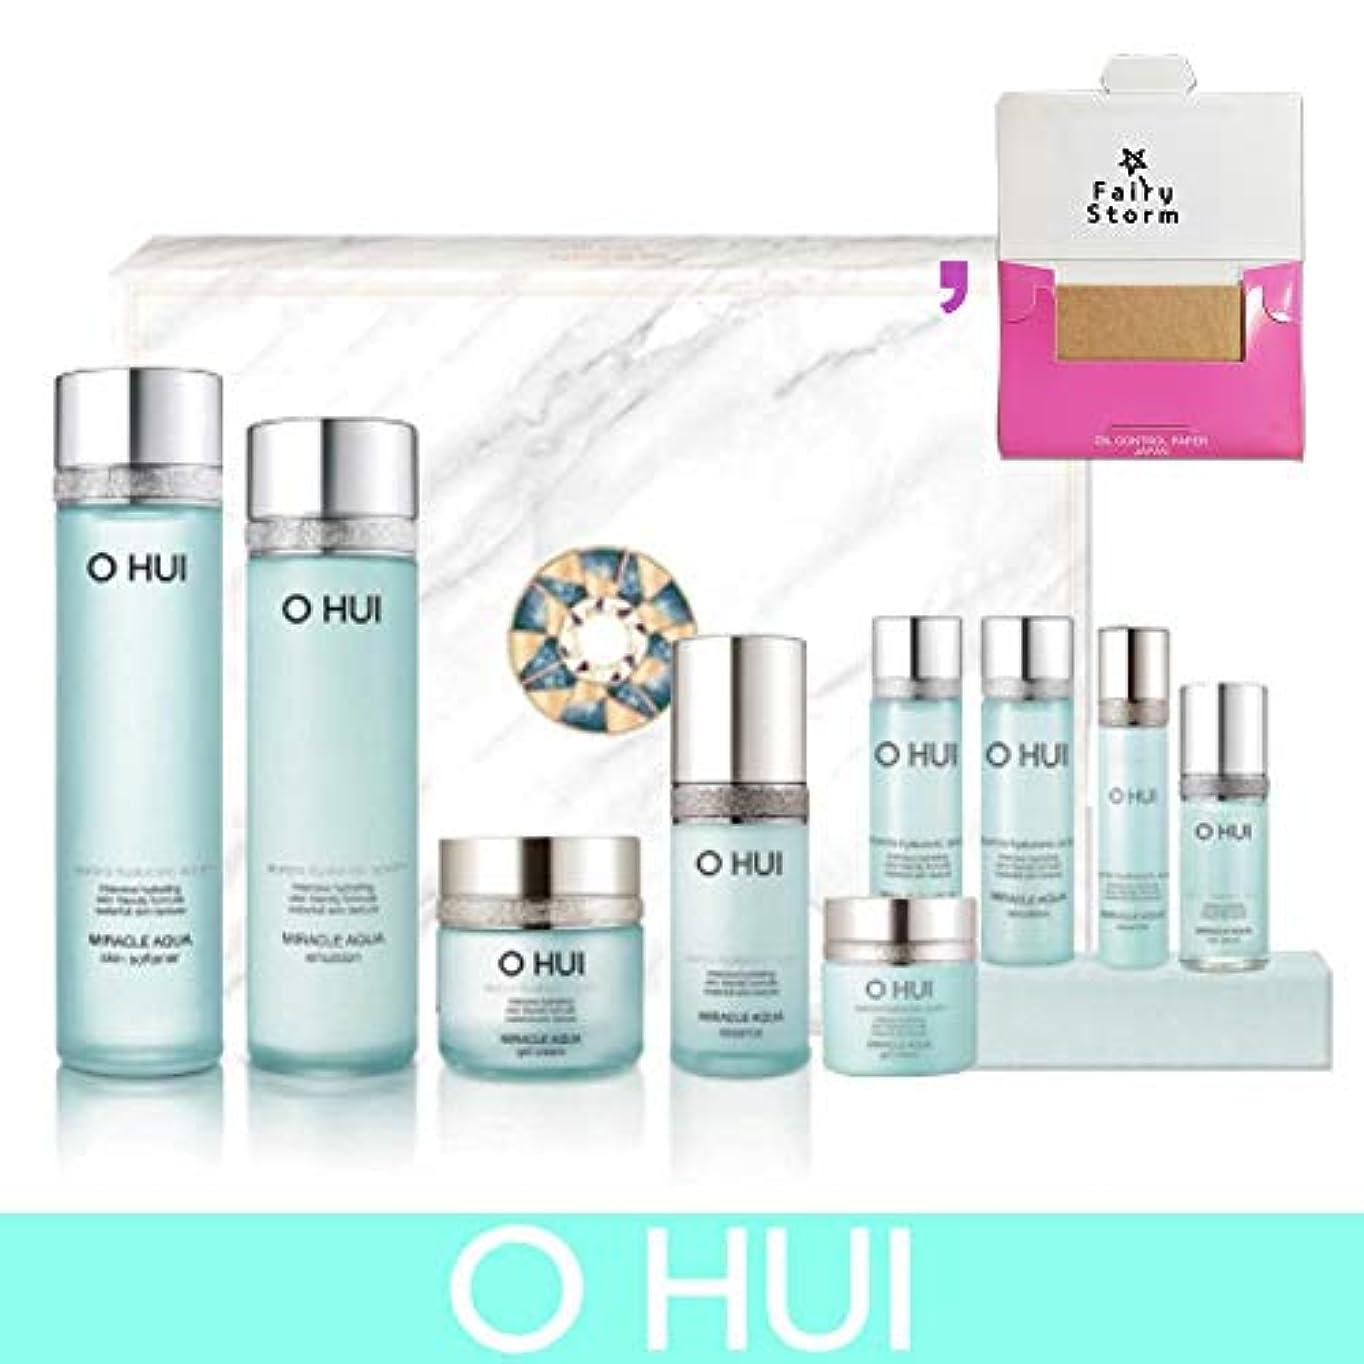 吸収突進疲労[オフィ/O HUI]韓国化粧品 LG生活健康/O HUI MIRACLE AQUA SPECIAL 4EA SET/ミラクル アクア 4種セット + [Sample Gift](海外直送品)